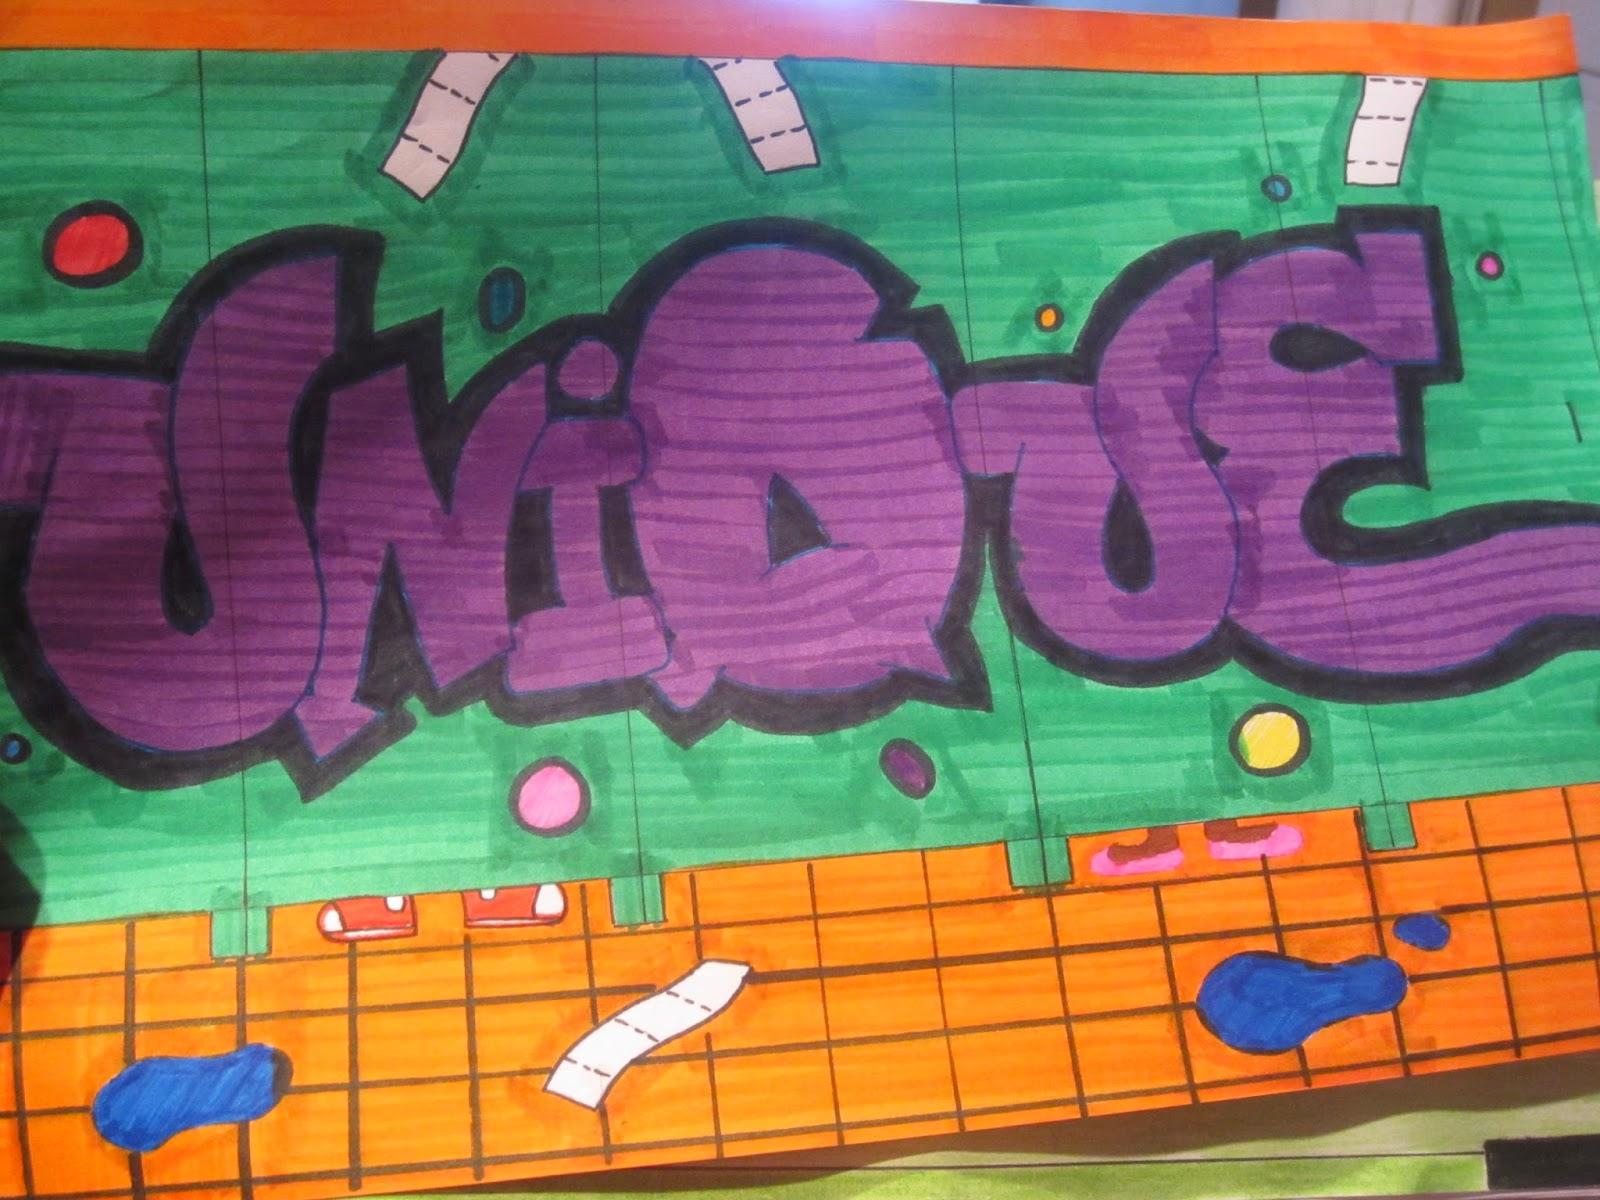 graffiti art or vandalism essay ms pasquali s grade class graffiti  ms pasquali s grade class graffiti art project